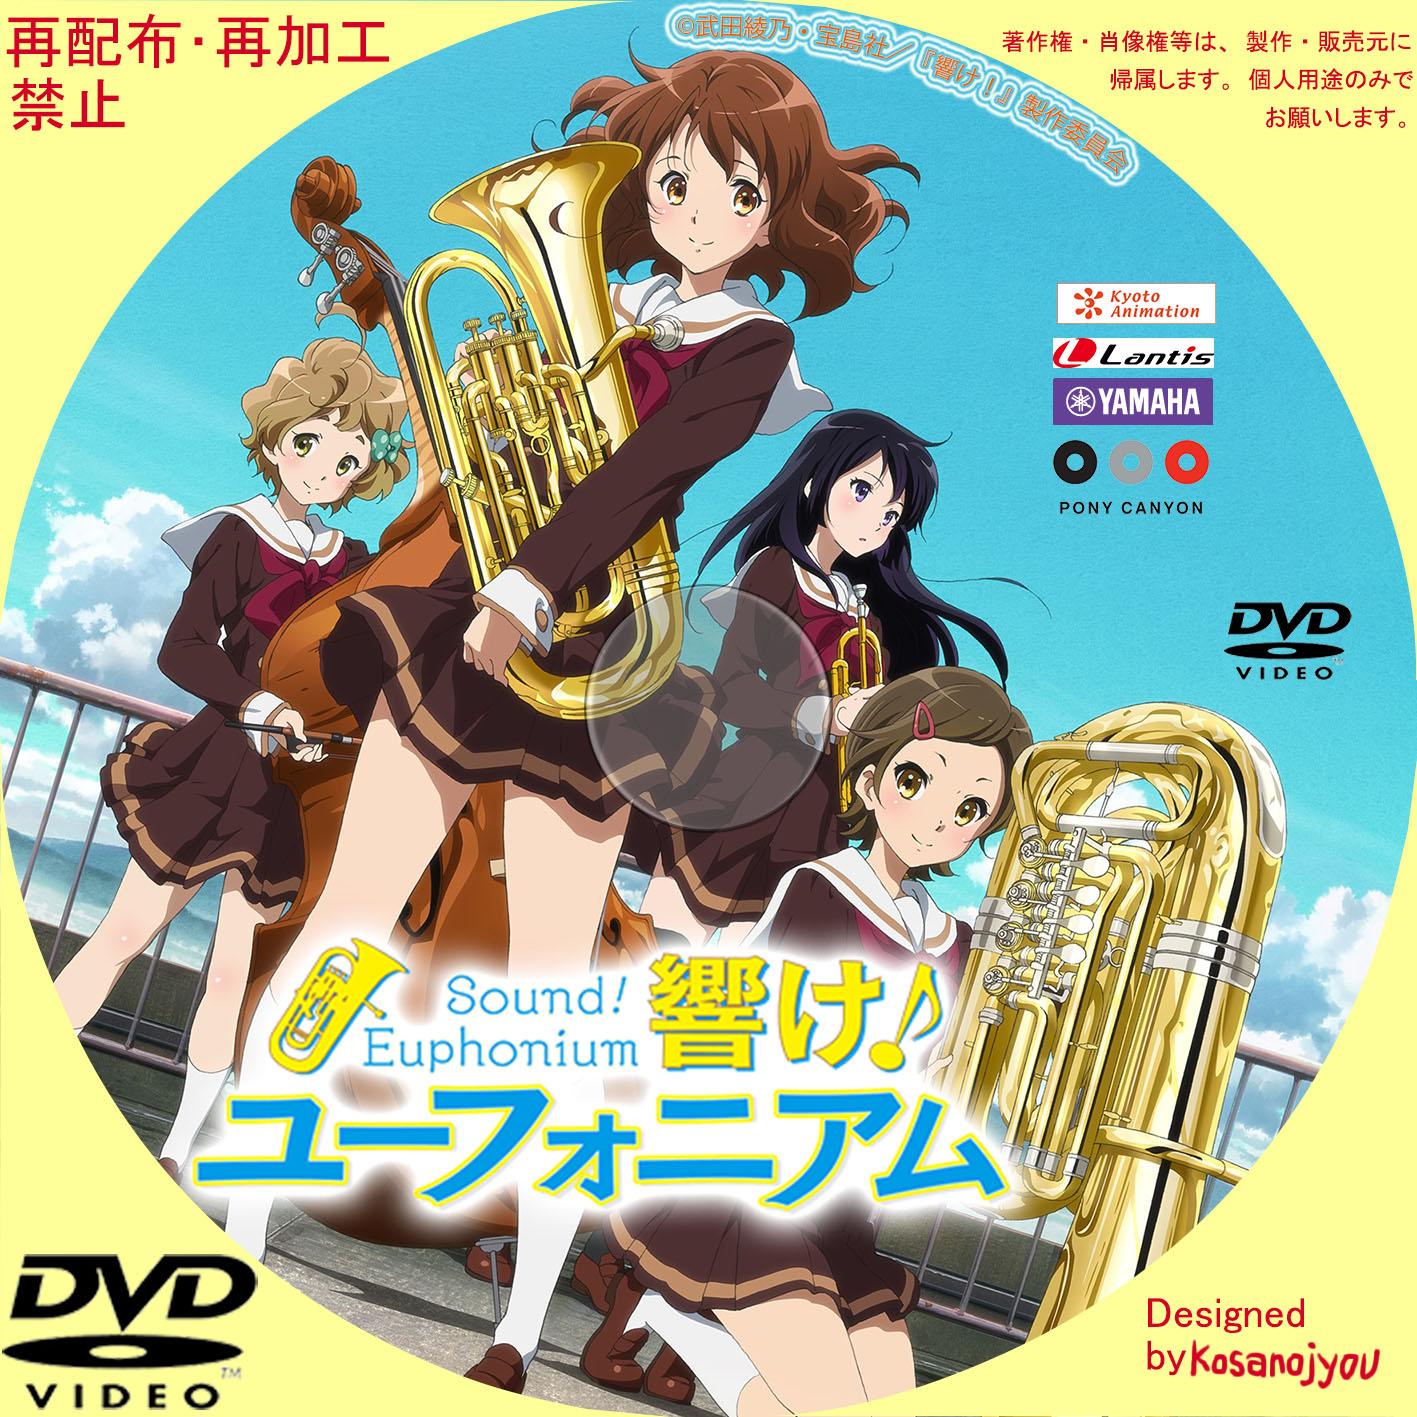 アニメ『響け! ユーフォニアム』のテレビ録画用DVDレーベル